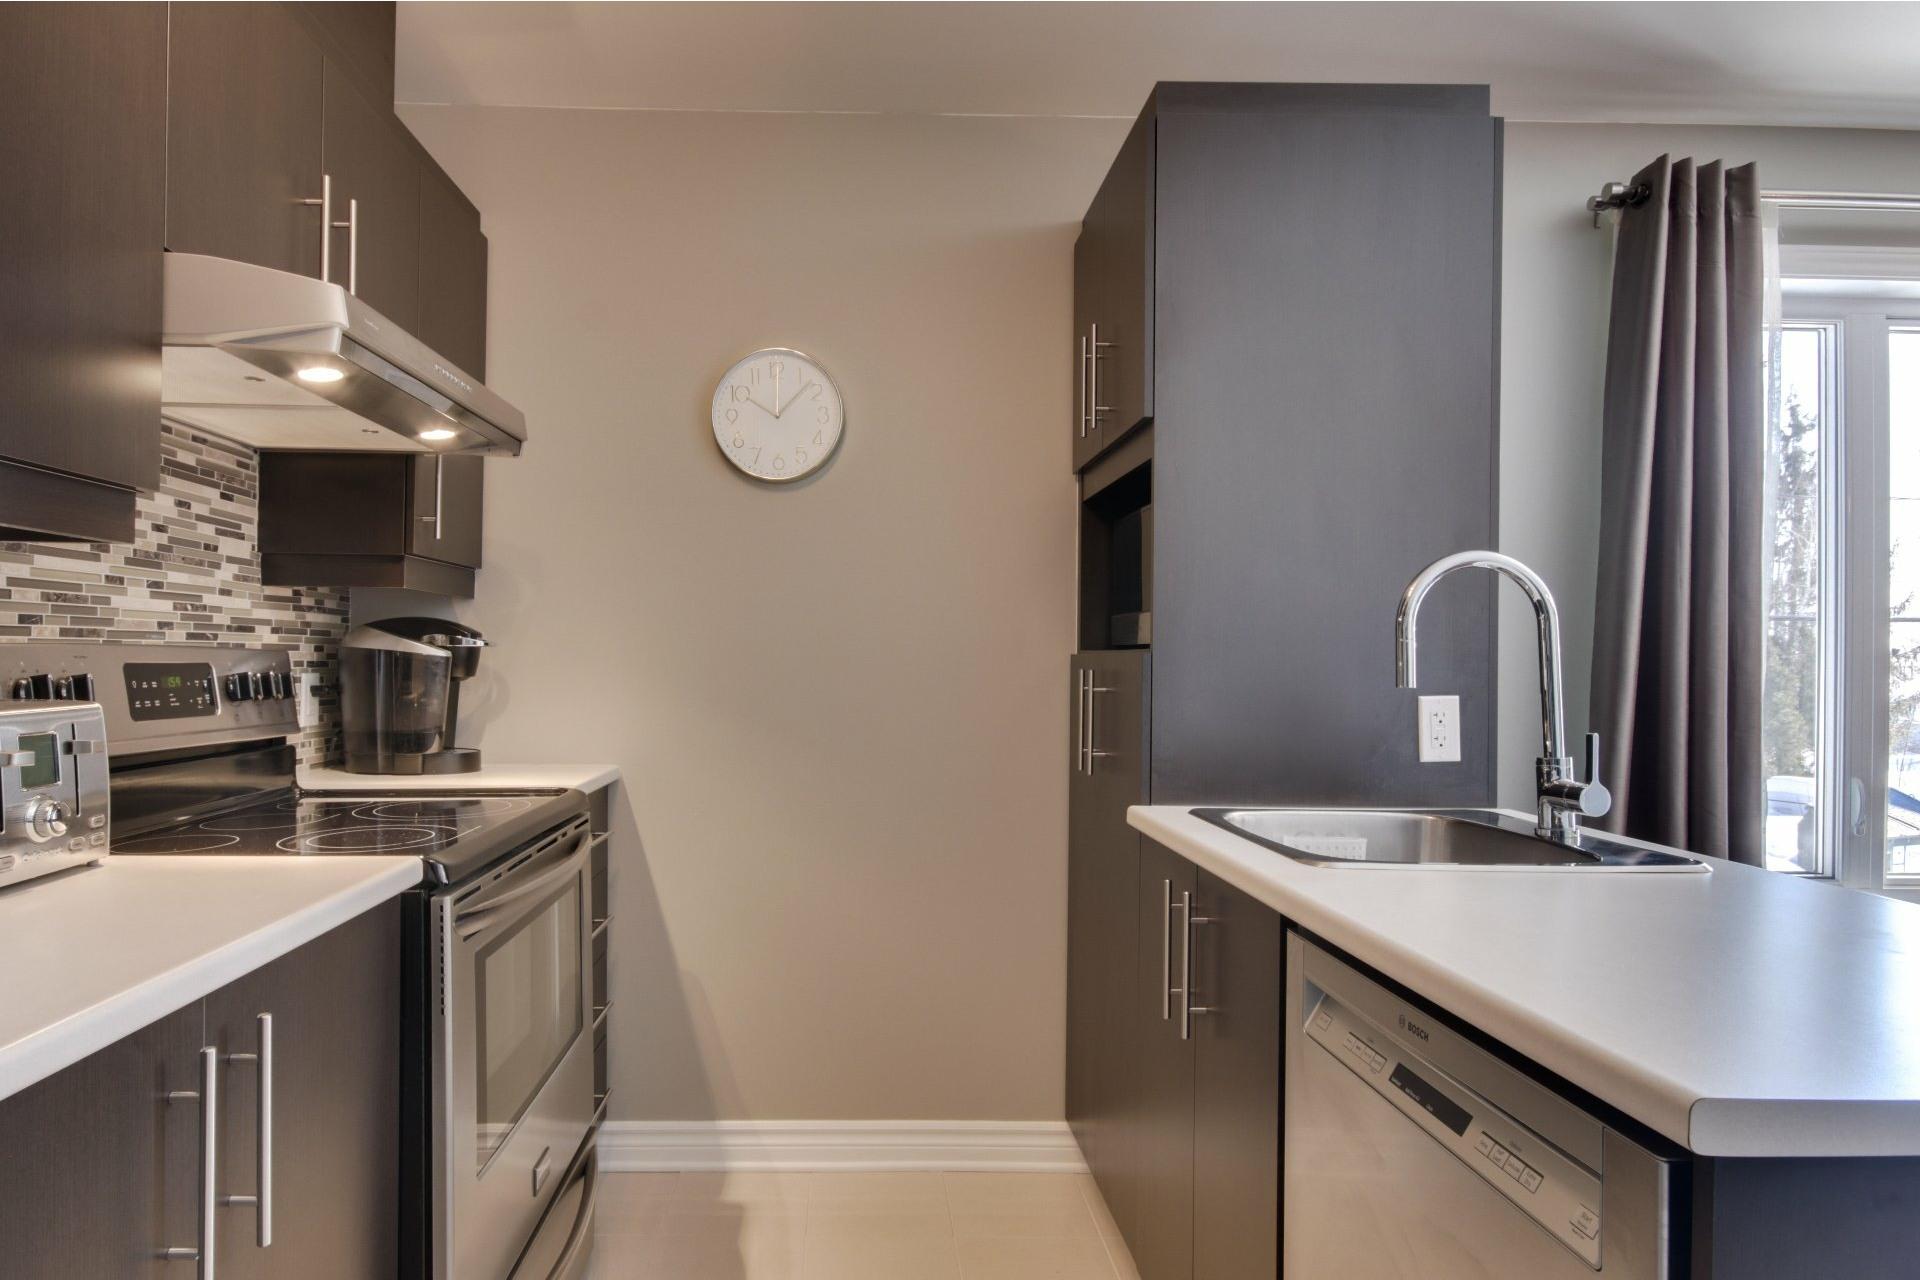 image 16 - Apartment For sale Trois-Rivières - 6 rooms